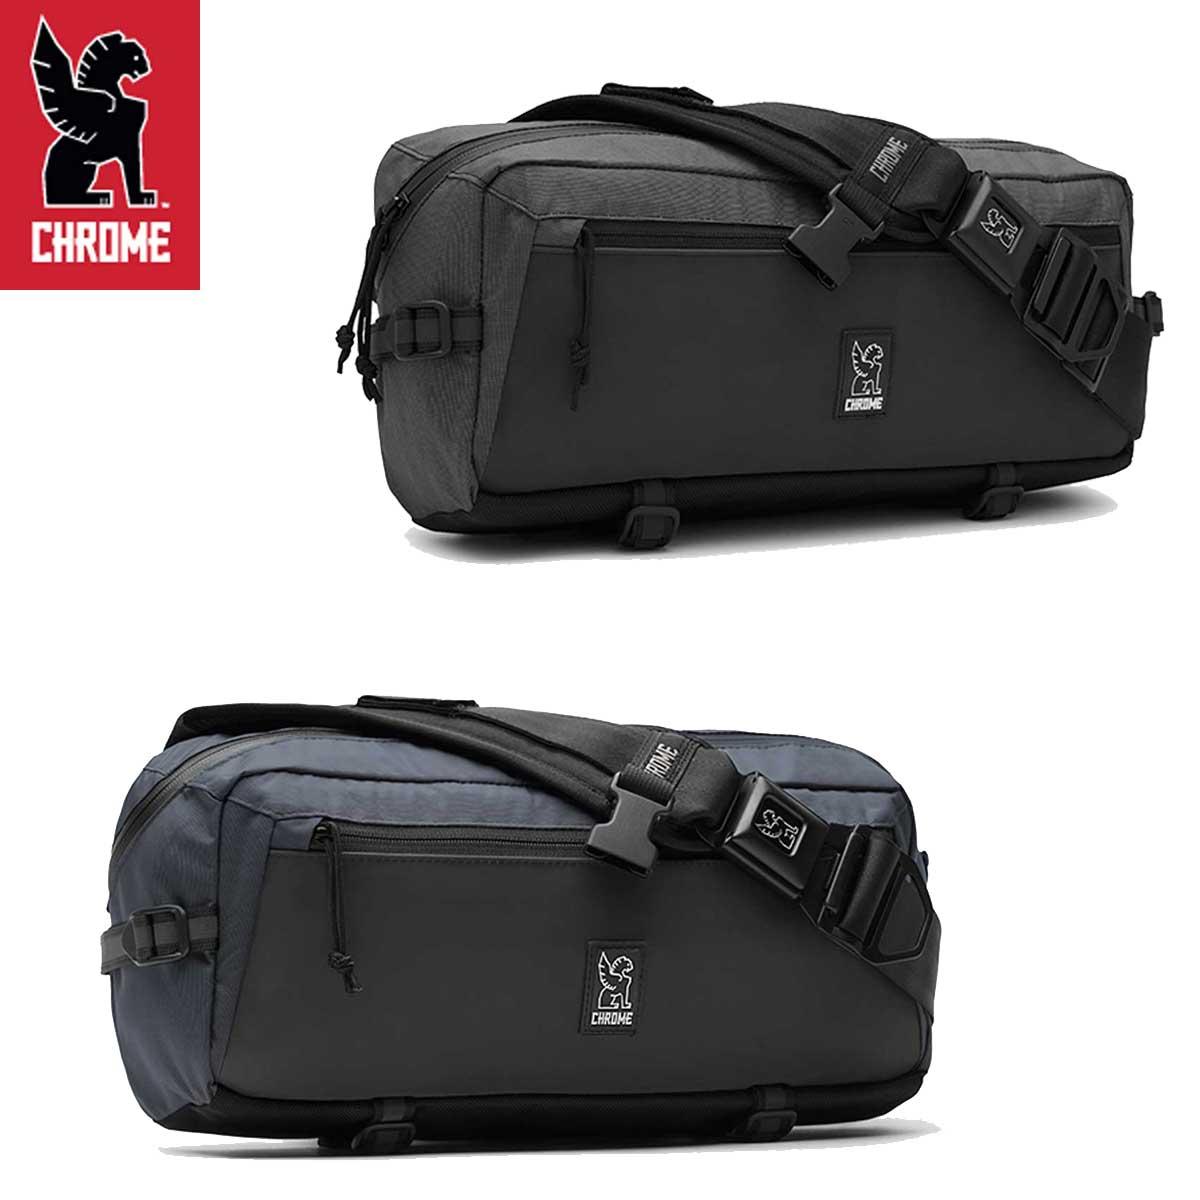 CHROME クローム KADET WELTERWEIGHT(カデット ウェルターウェイト)ボディーバッグ BG223